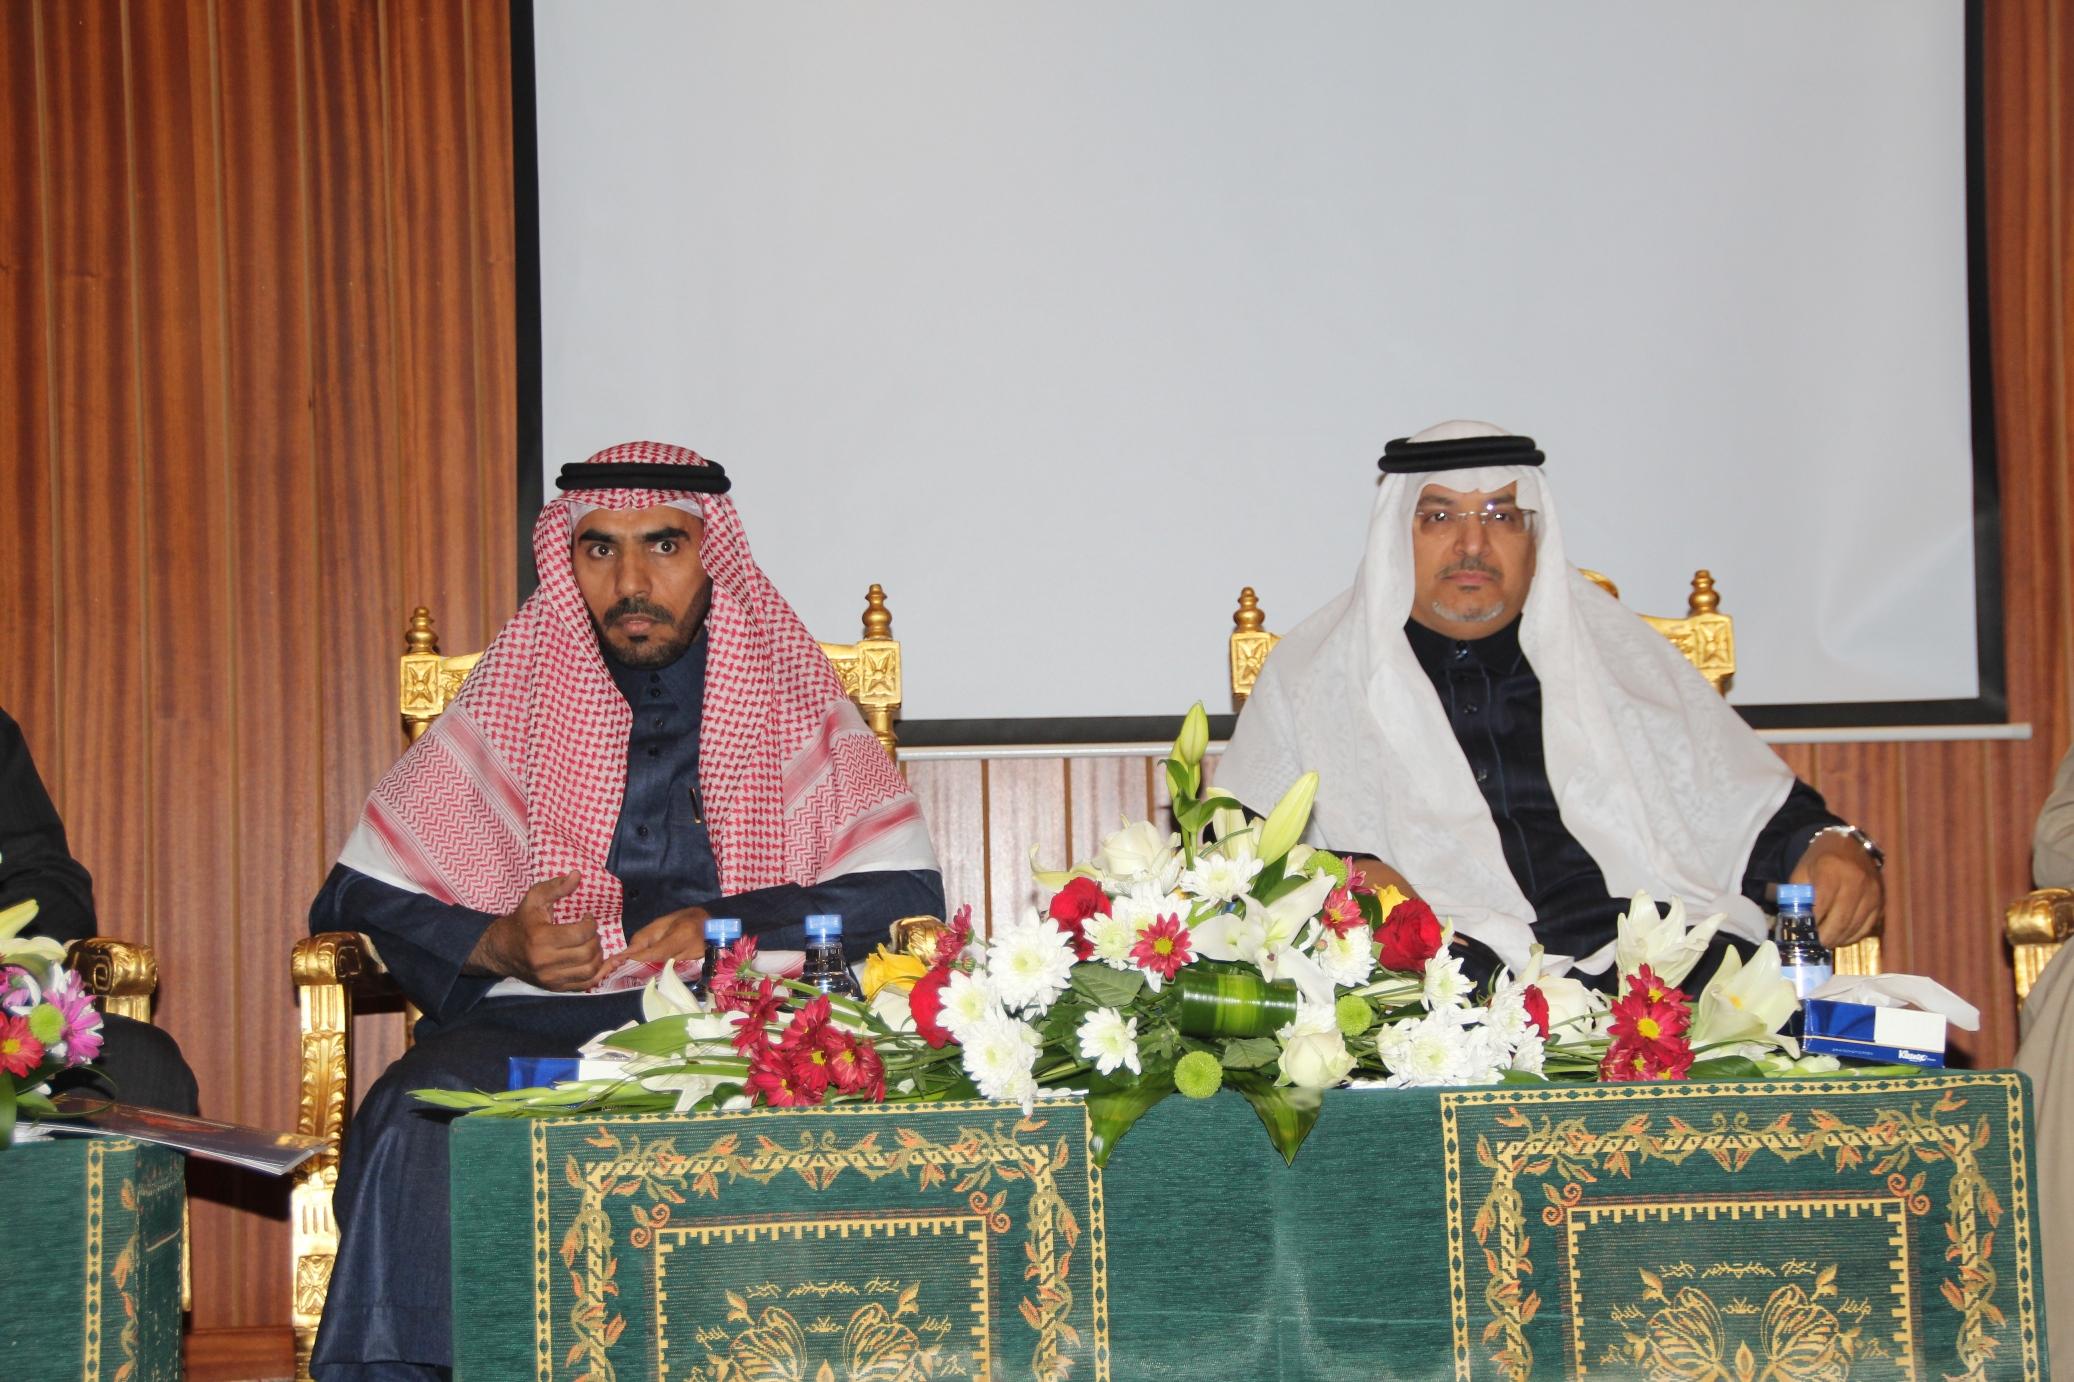 وكيل جامعة الملك سعود لتطوير الأعمال يكرم الدكتور علي العفنان